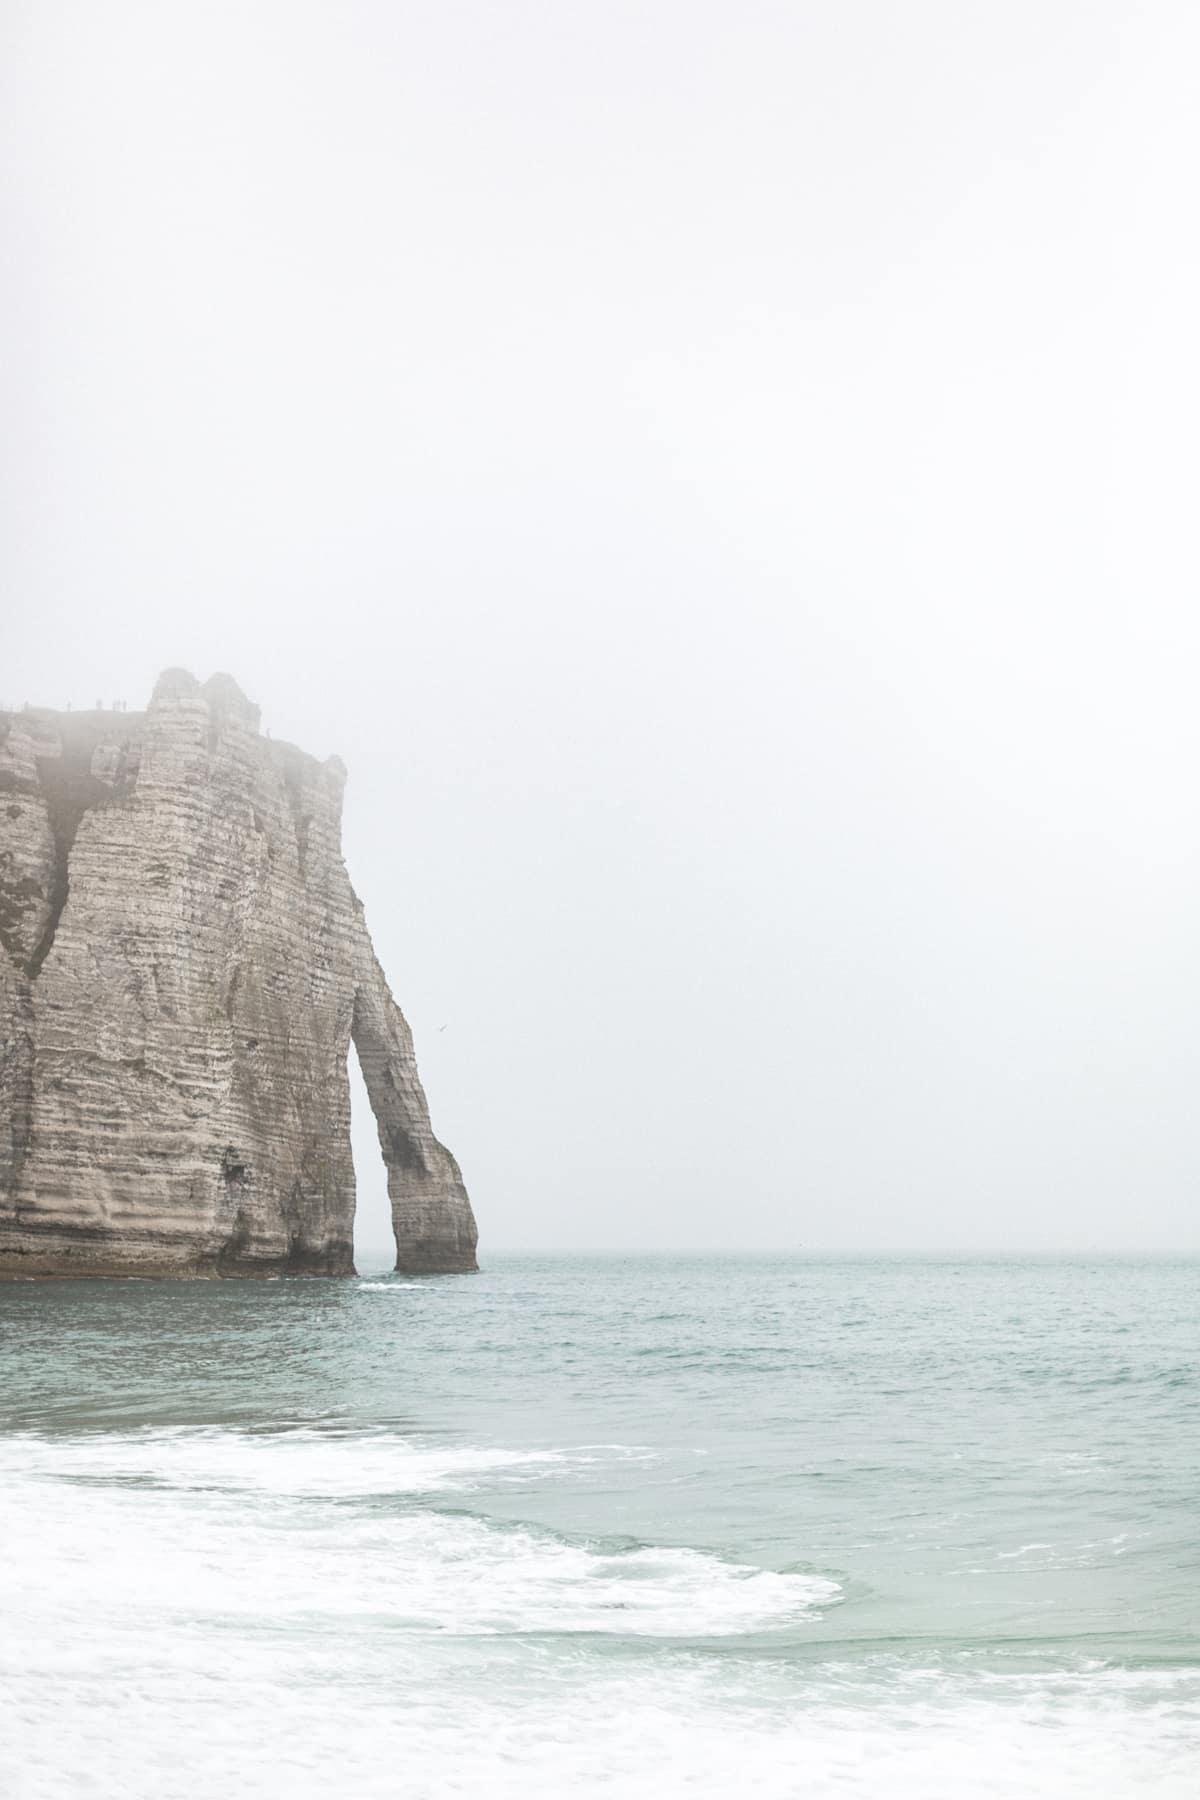 Les falaises d'Etretat avec la brume de Normandie